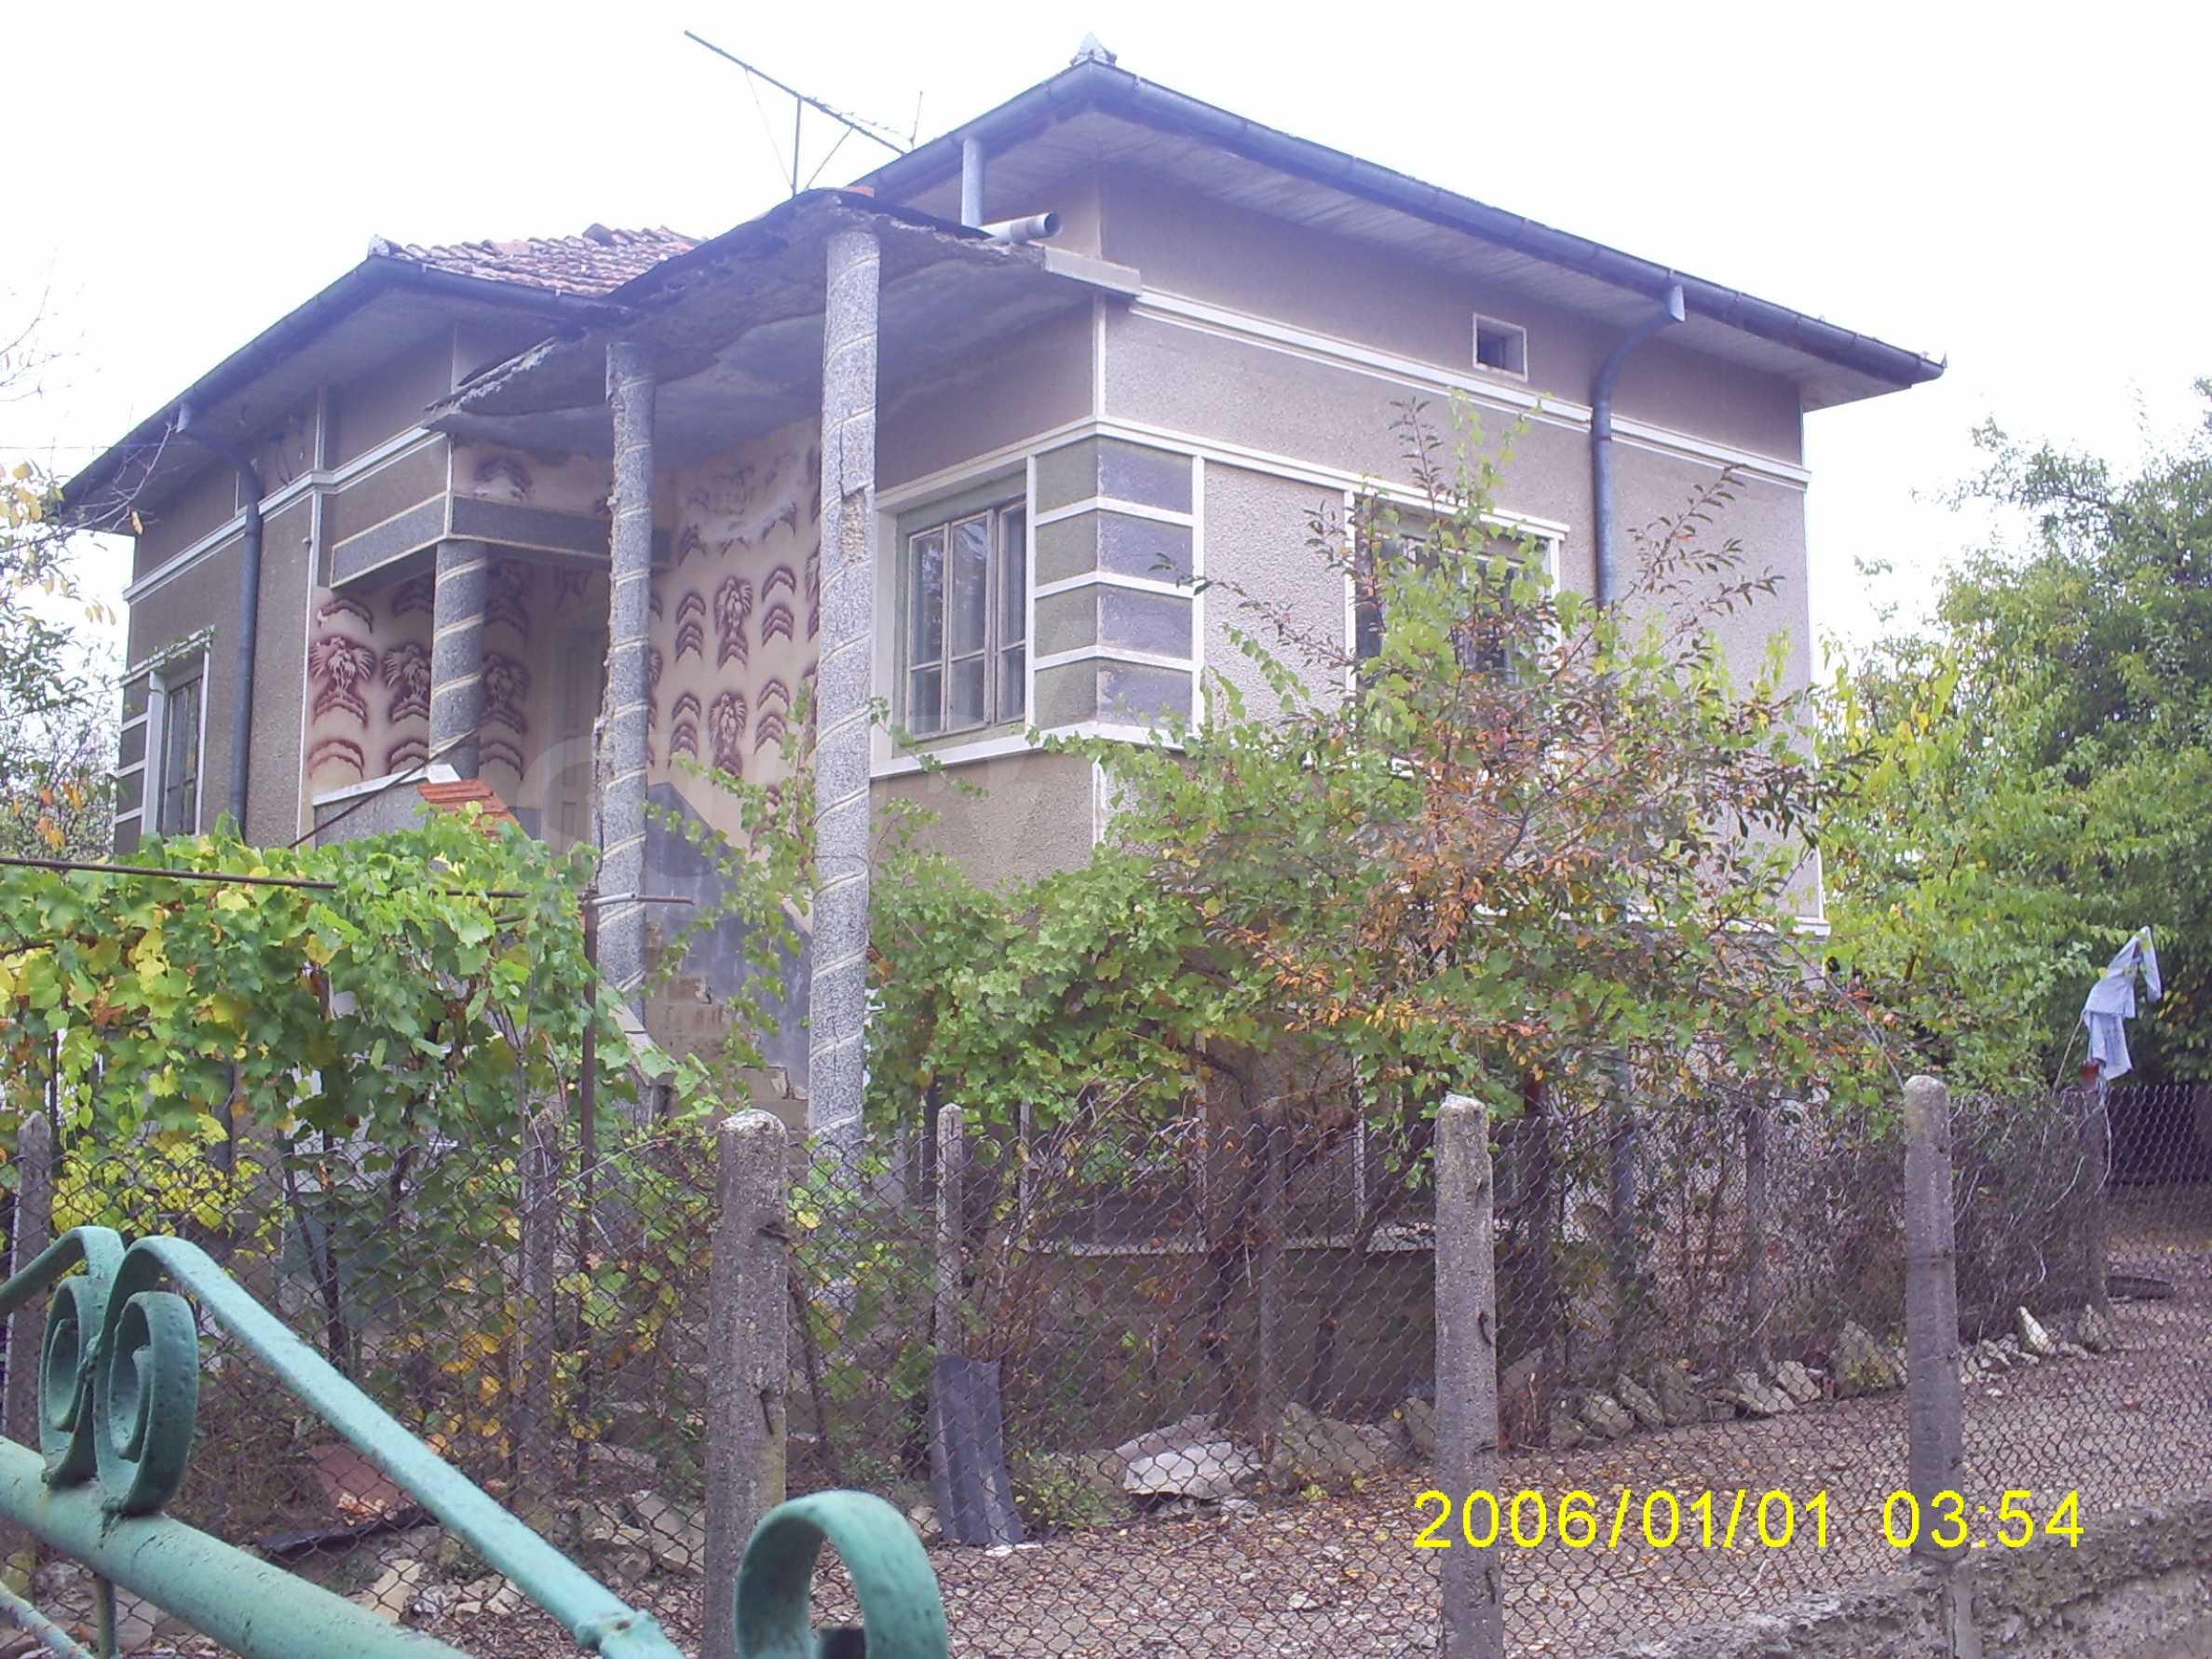 Massives zweistöckiges Haus mit einem Garten zu einem guten Preis in der Nähe von Widin